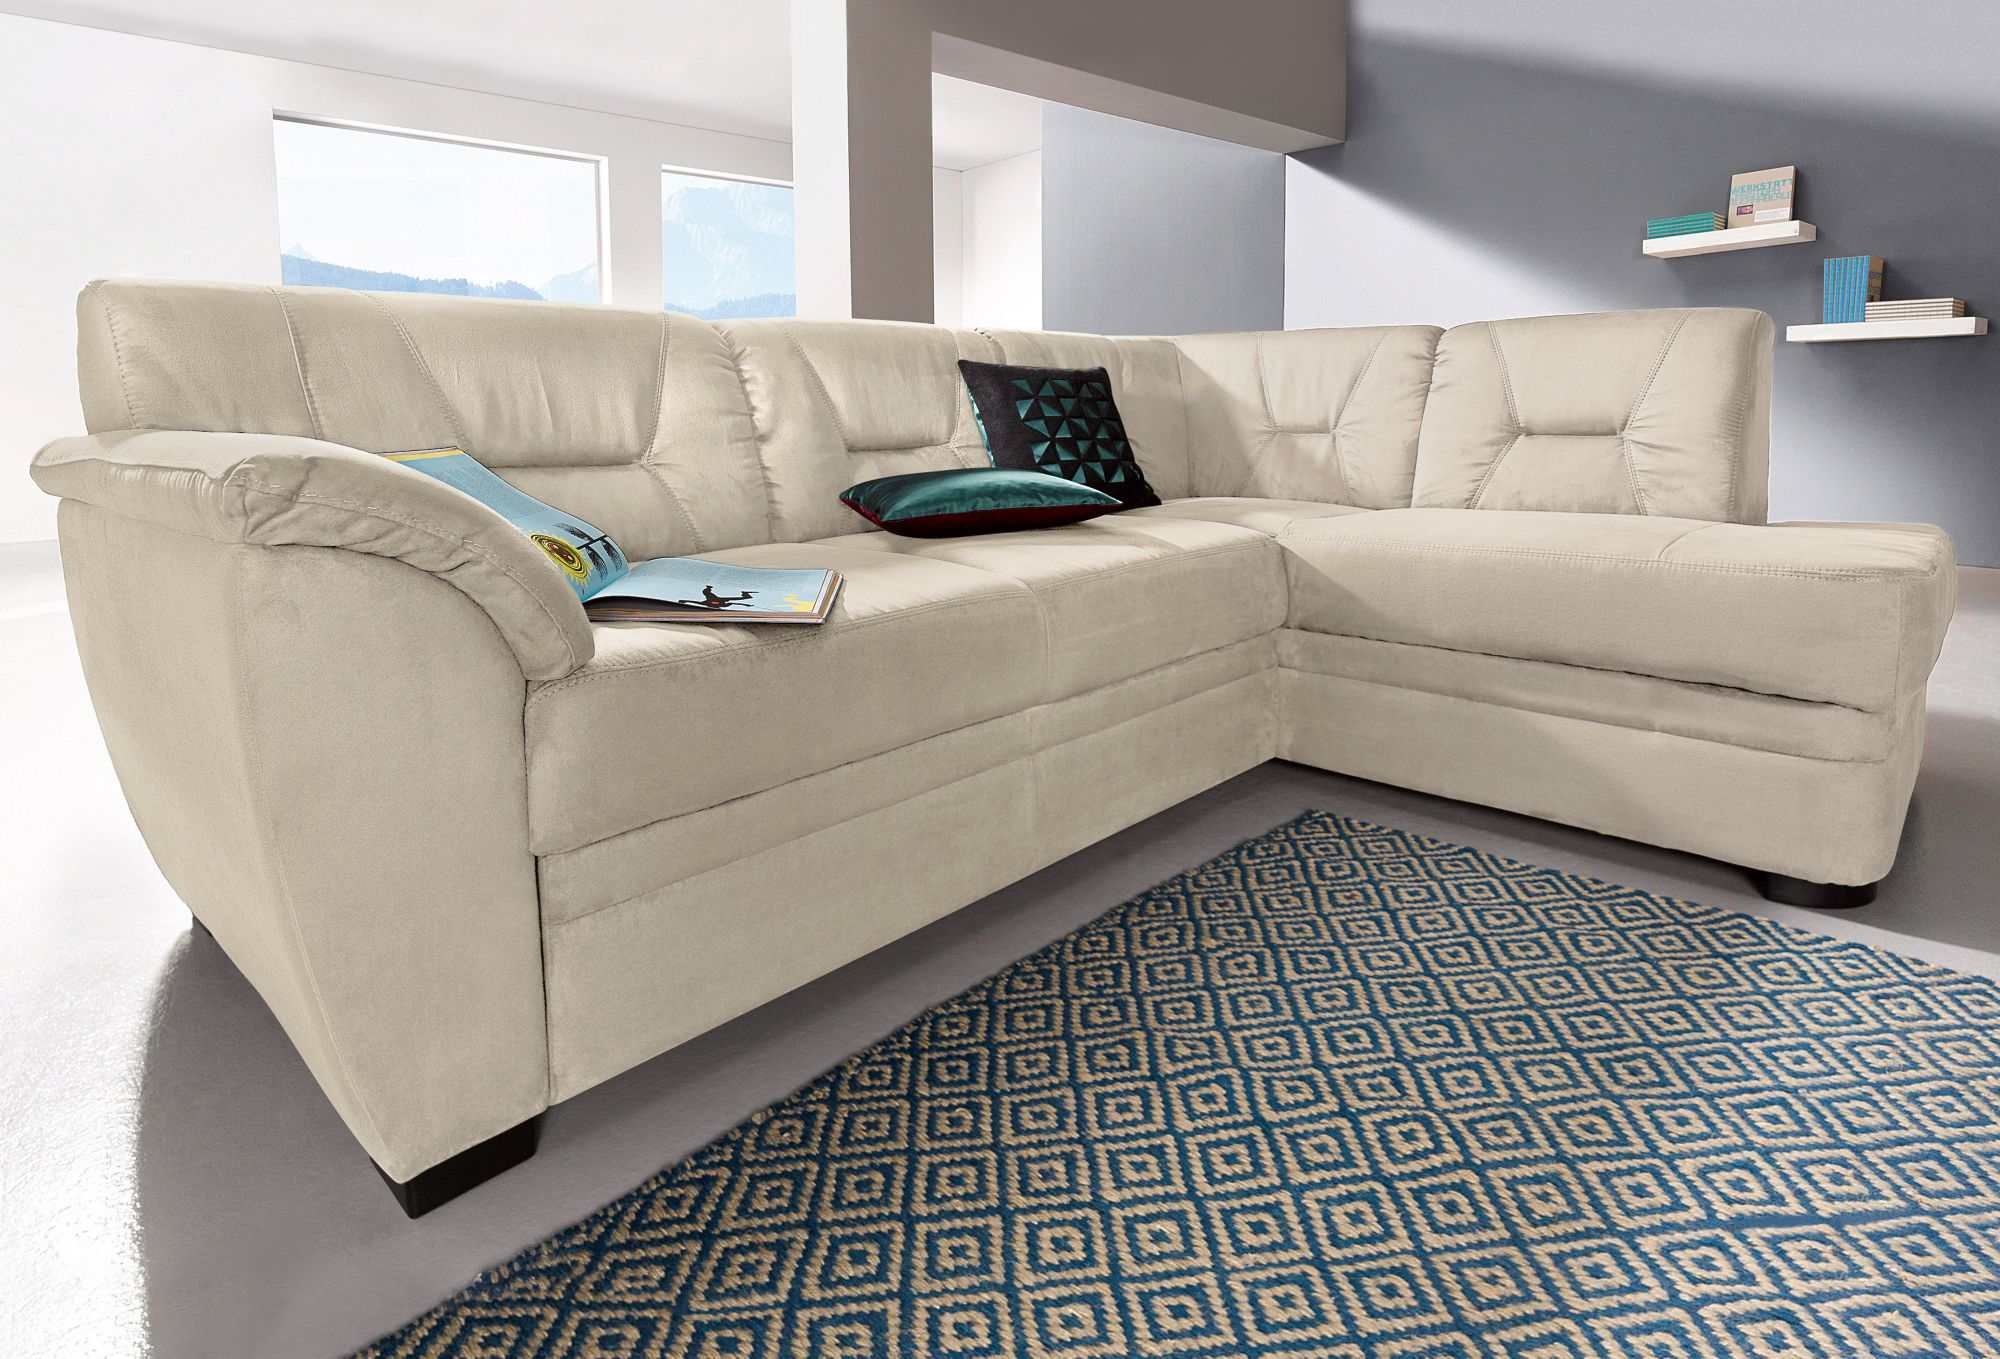 polsterecke cotta microfaser polsterecke cotta wahlweise mit bettfunktion kaufen cnouch. Black Bedroom Furniture Sets. Home Design Ideas